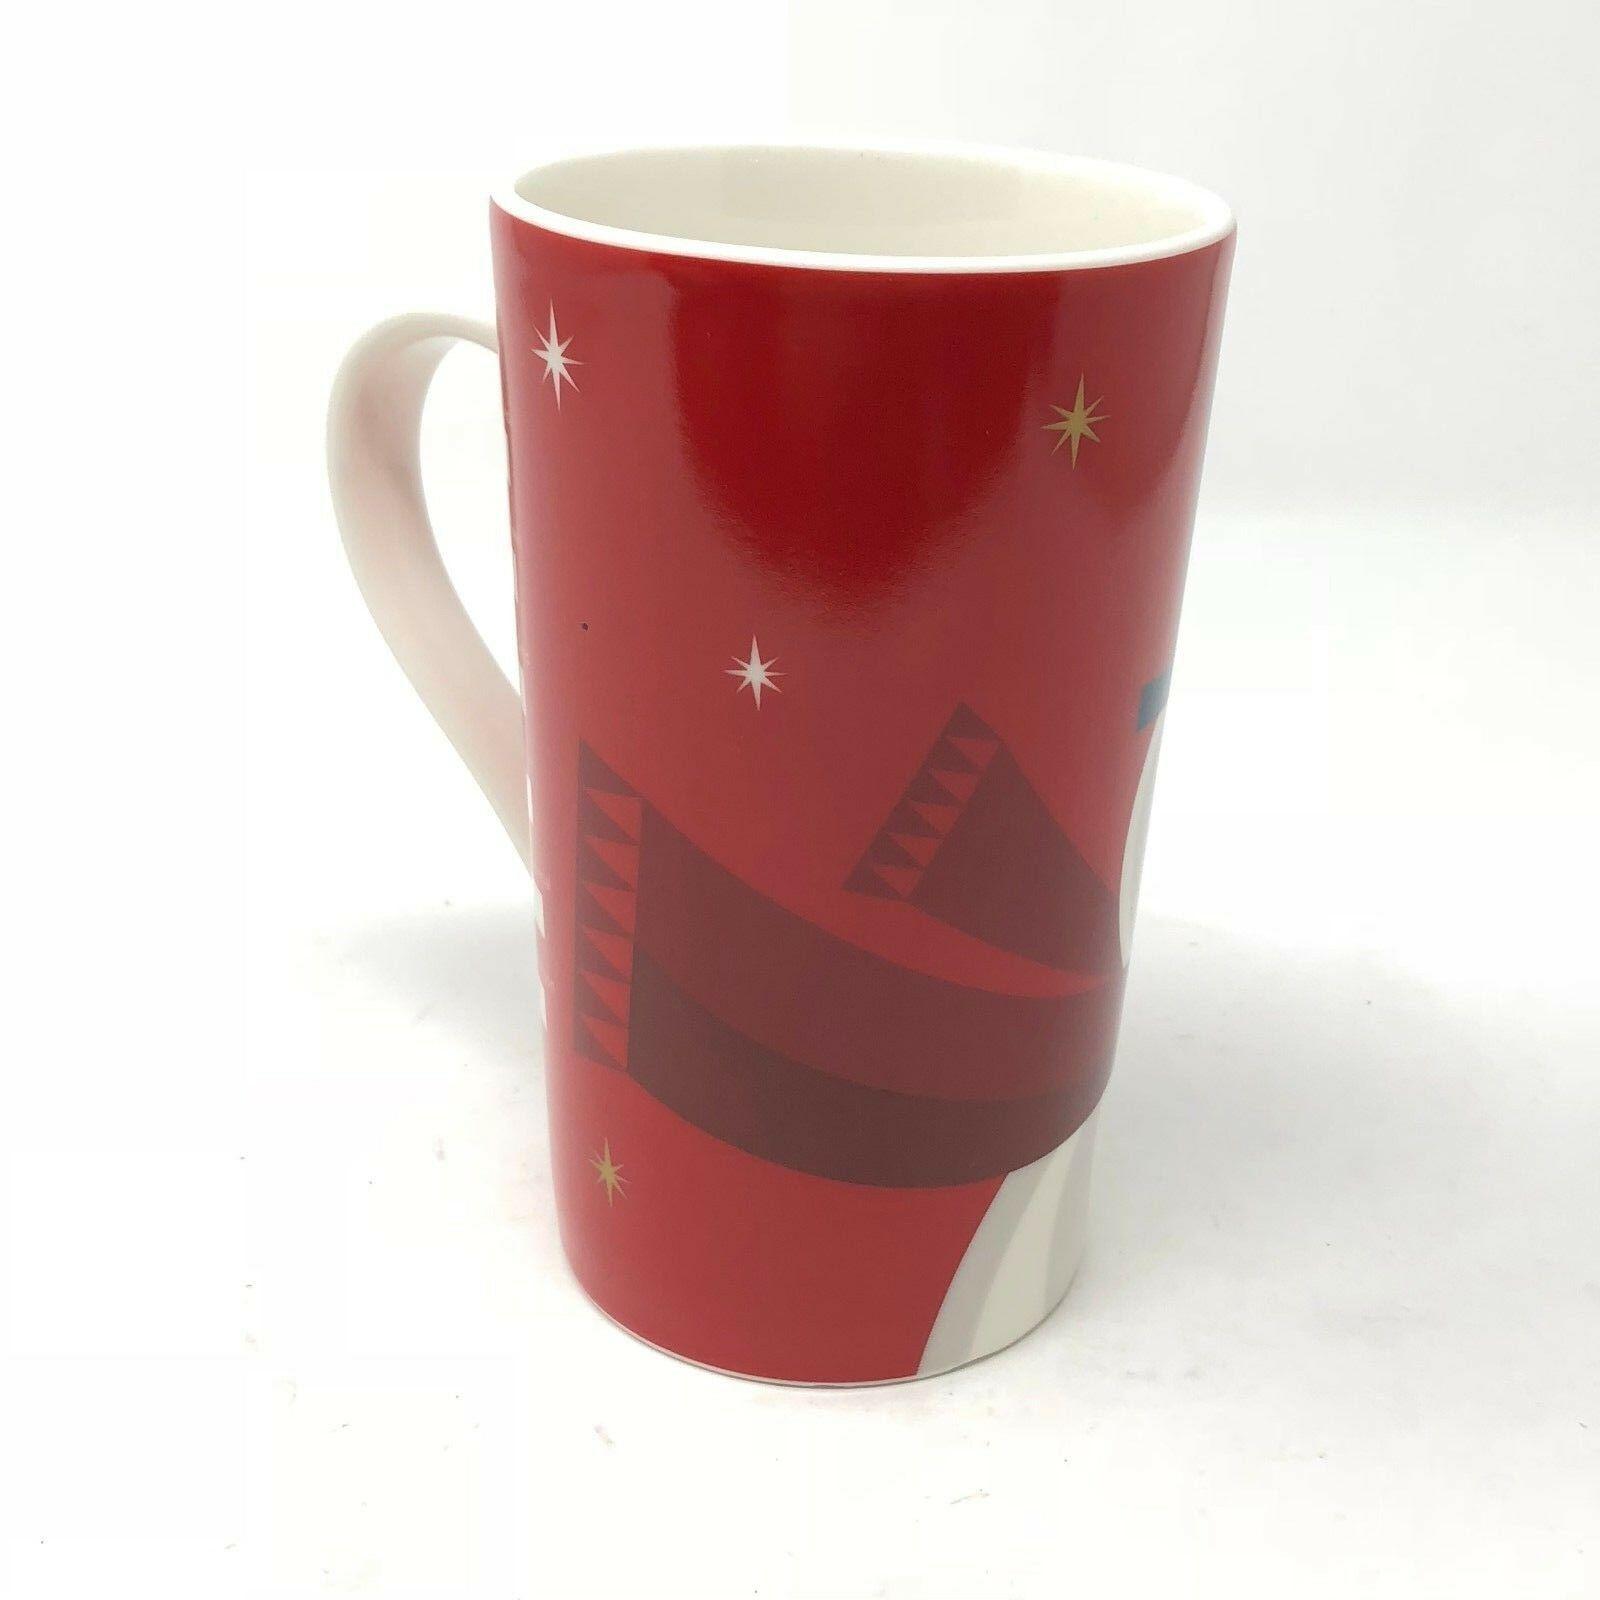 Starbucks Mug 2012 Holiday Christmas Snowman Grande Coffee Cup 16 oz image 3